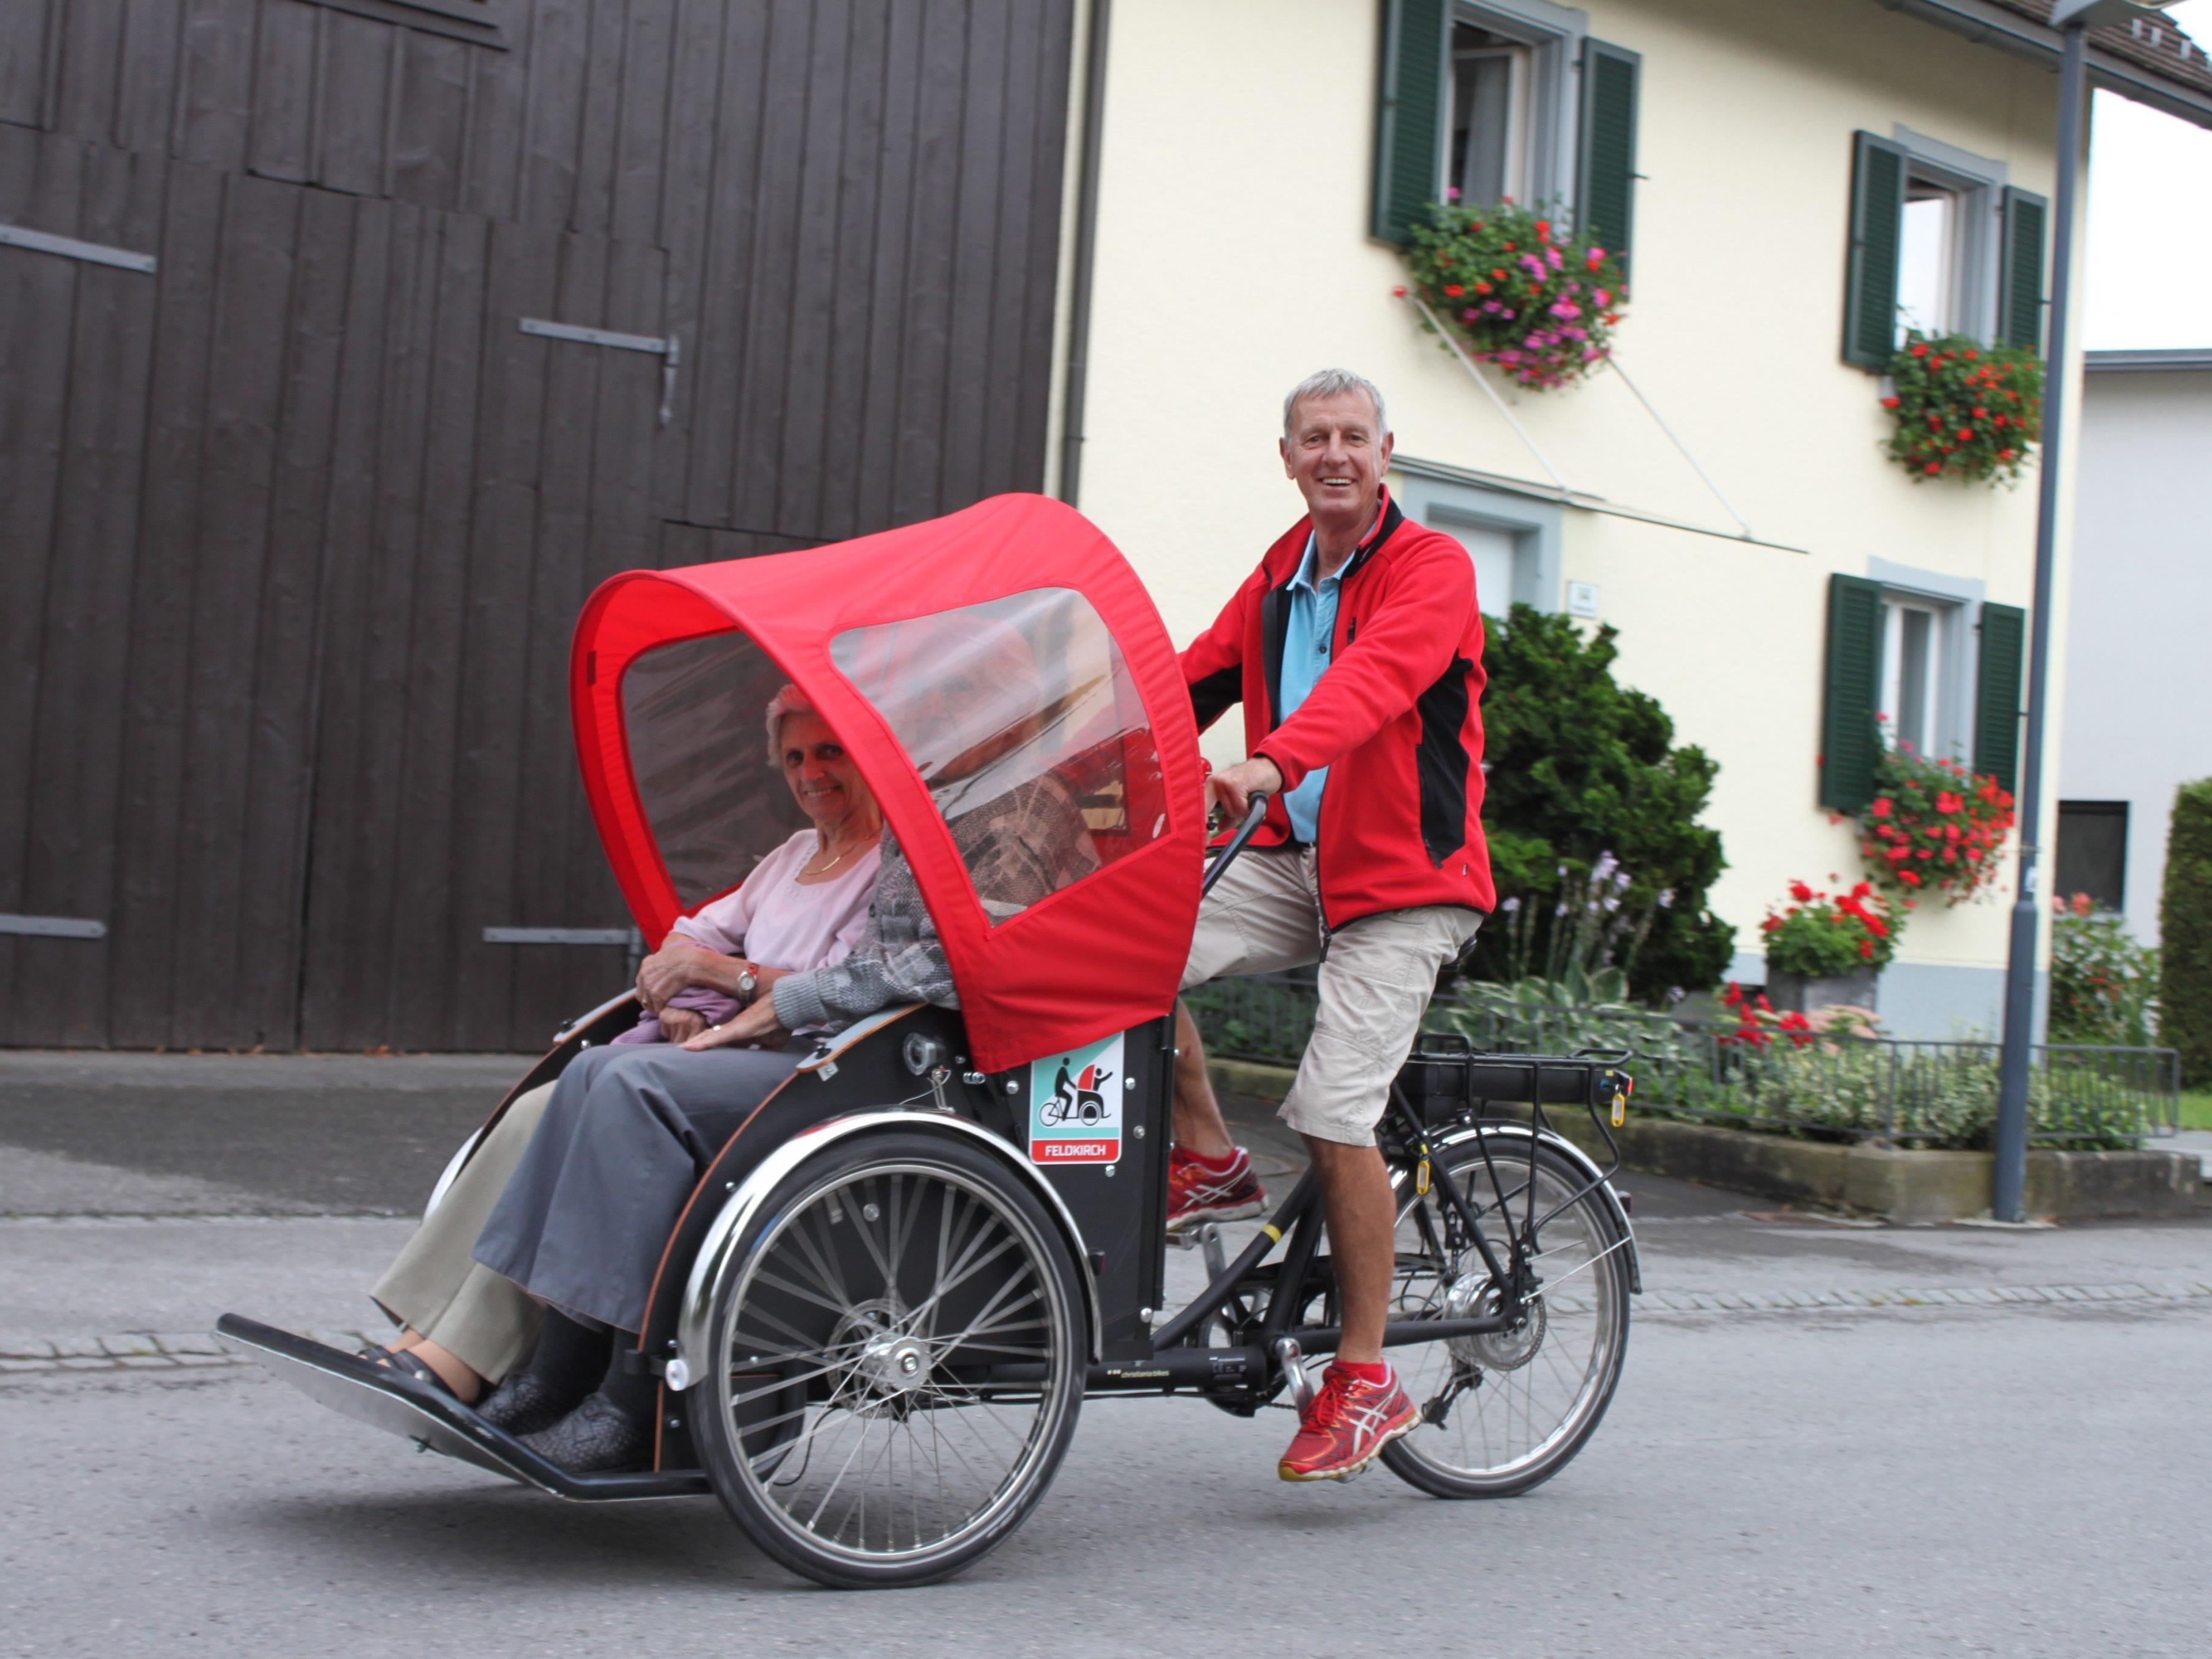 Ab sofort können auch betagte Senioren eine Fahrradausfahrt genießen.